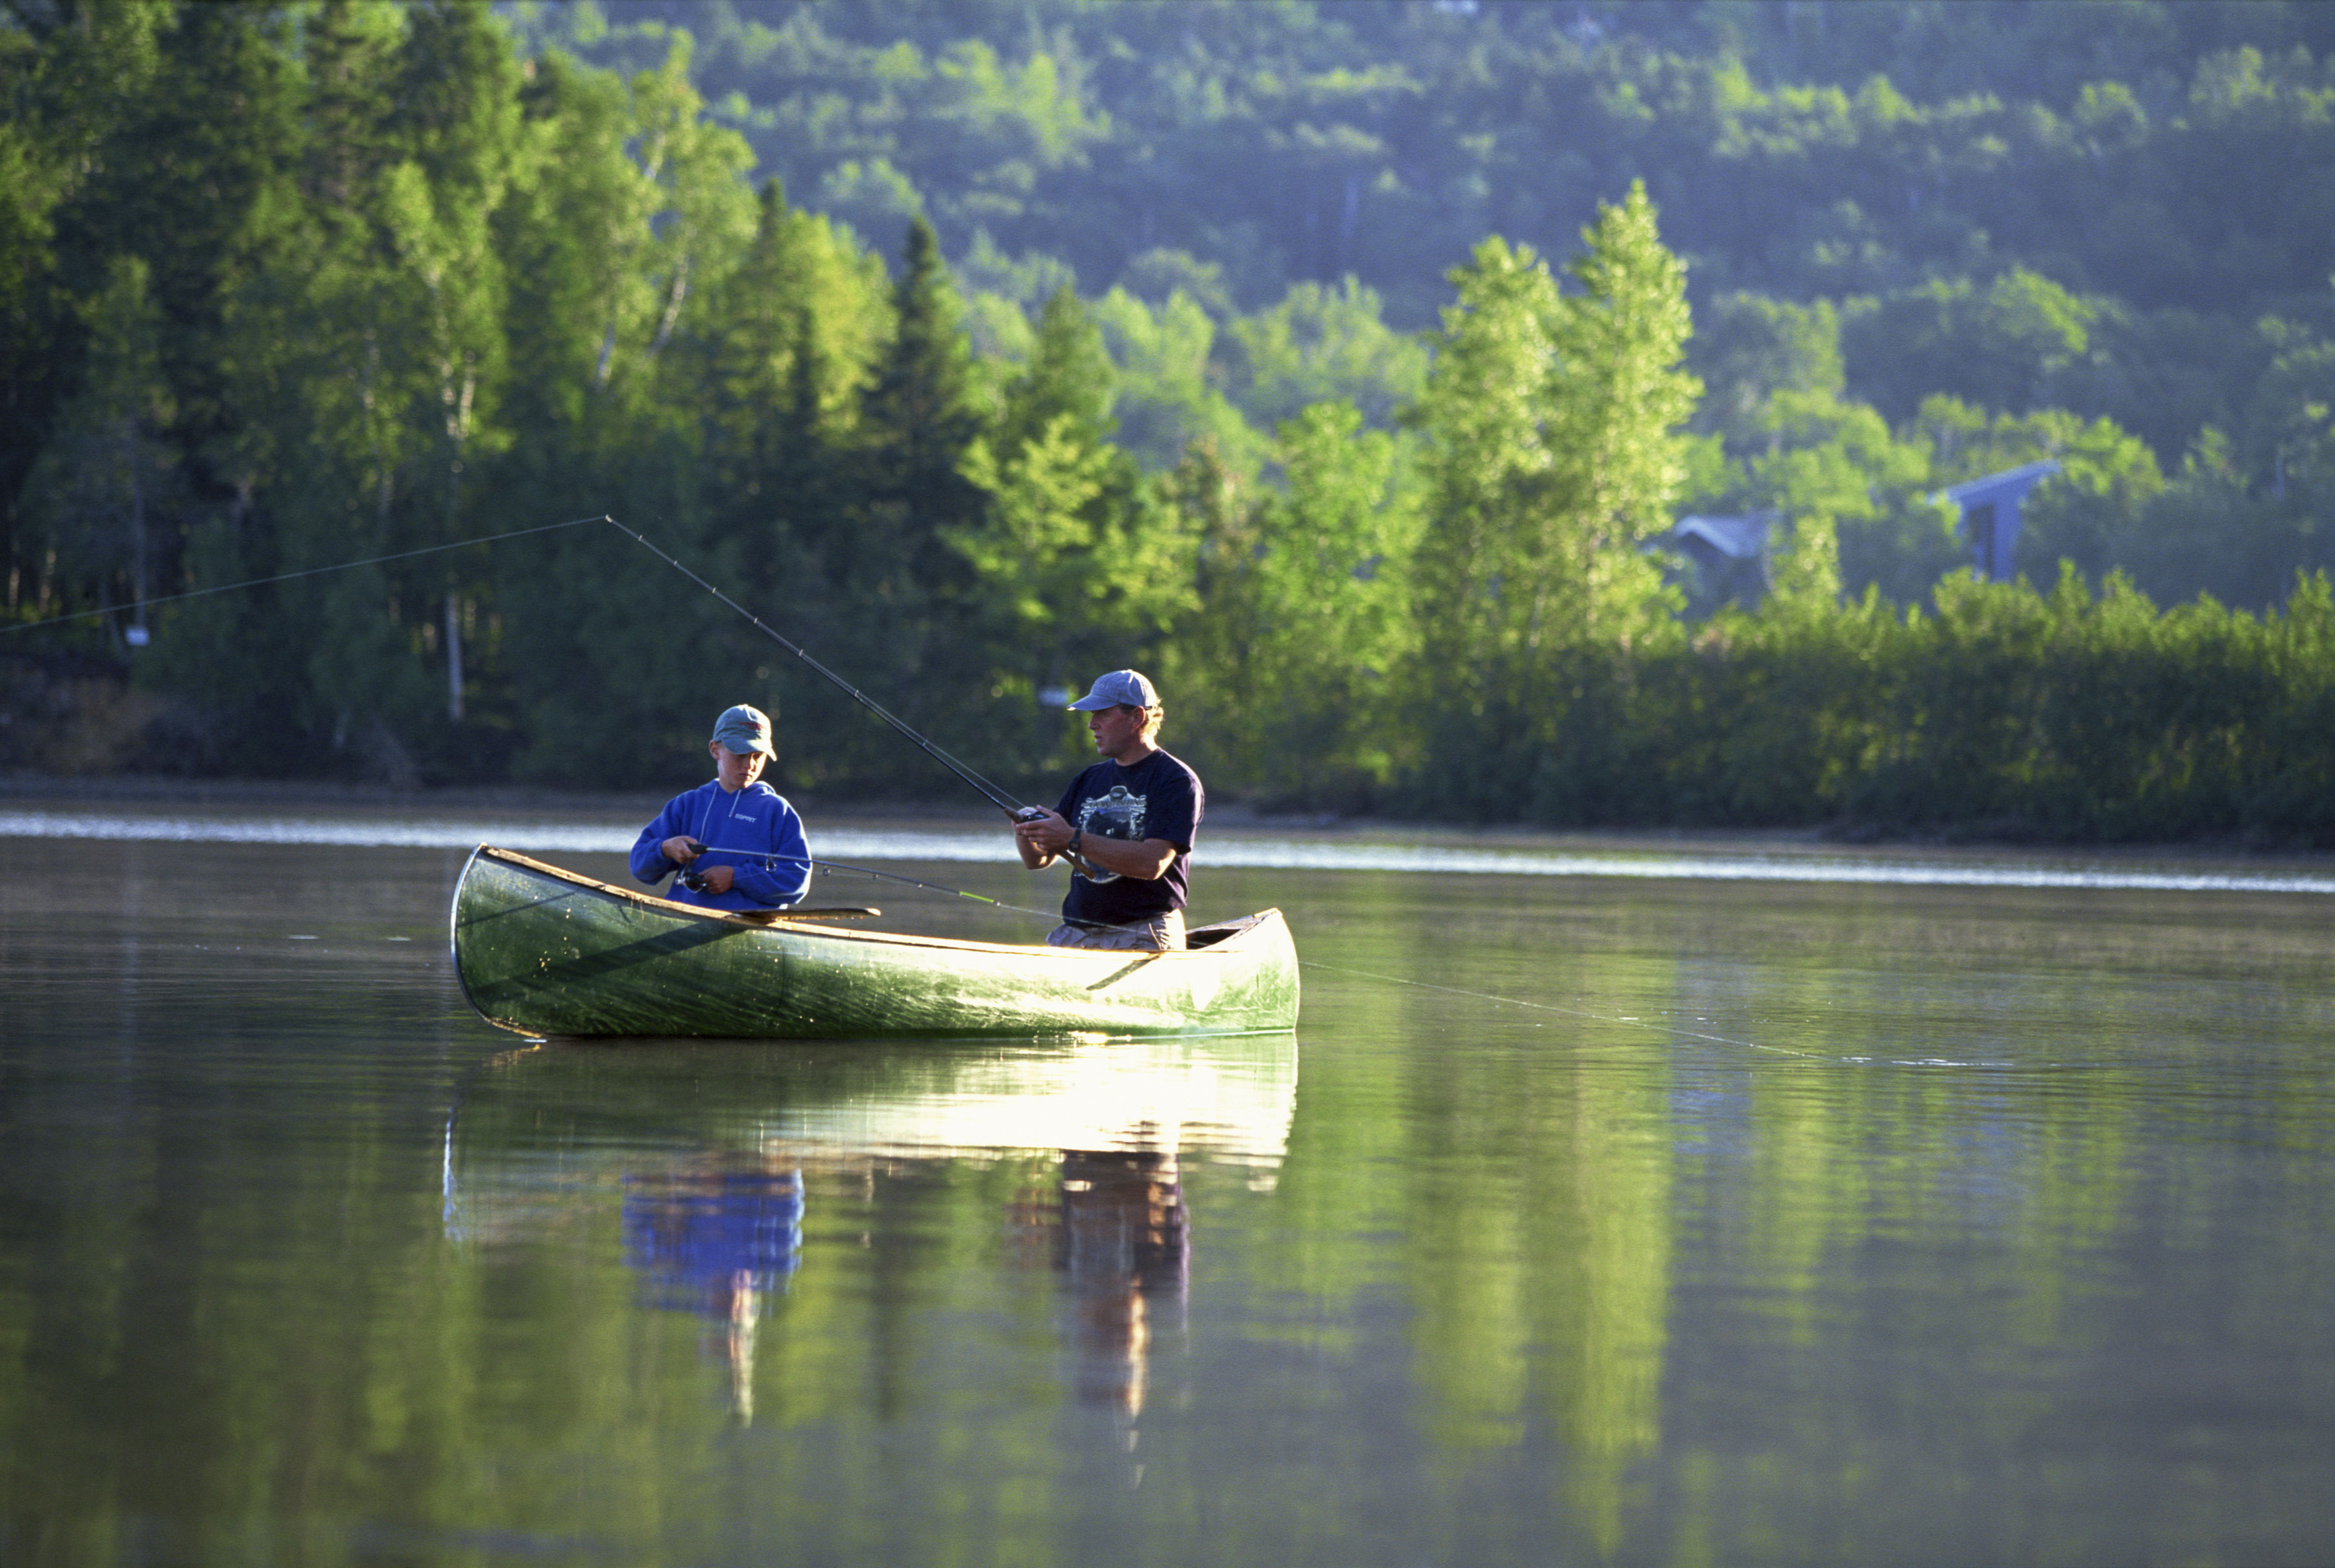 Quebec offers plenty of adventure